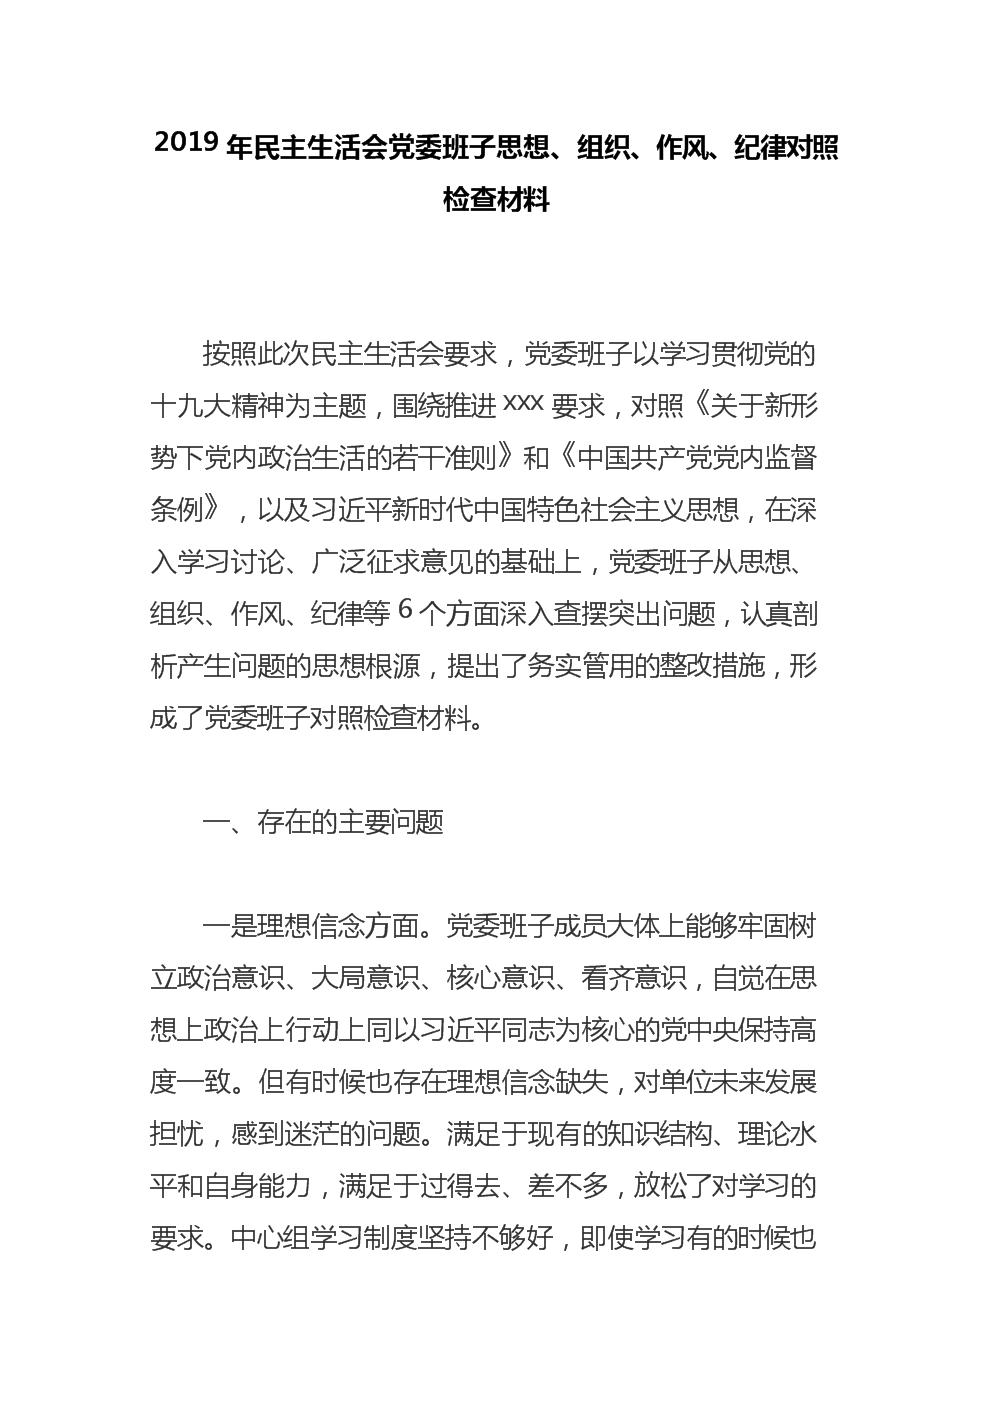 2019年民主 生活会党委班子思想、组织、作风、纪律对照检查材料.docx